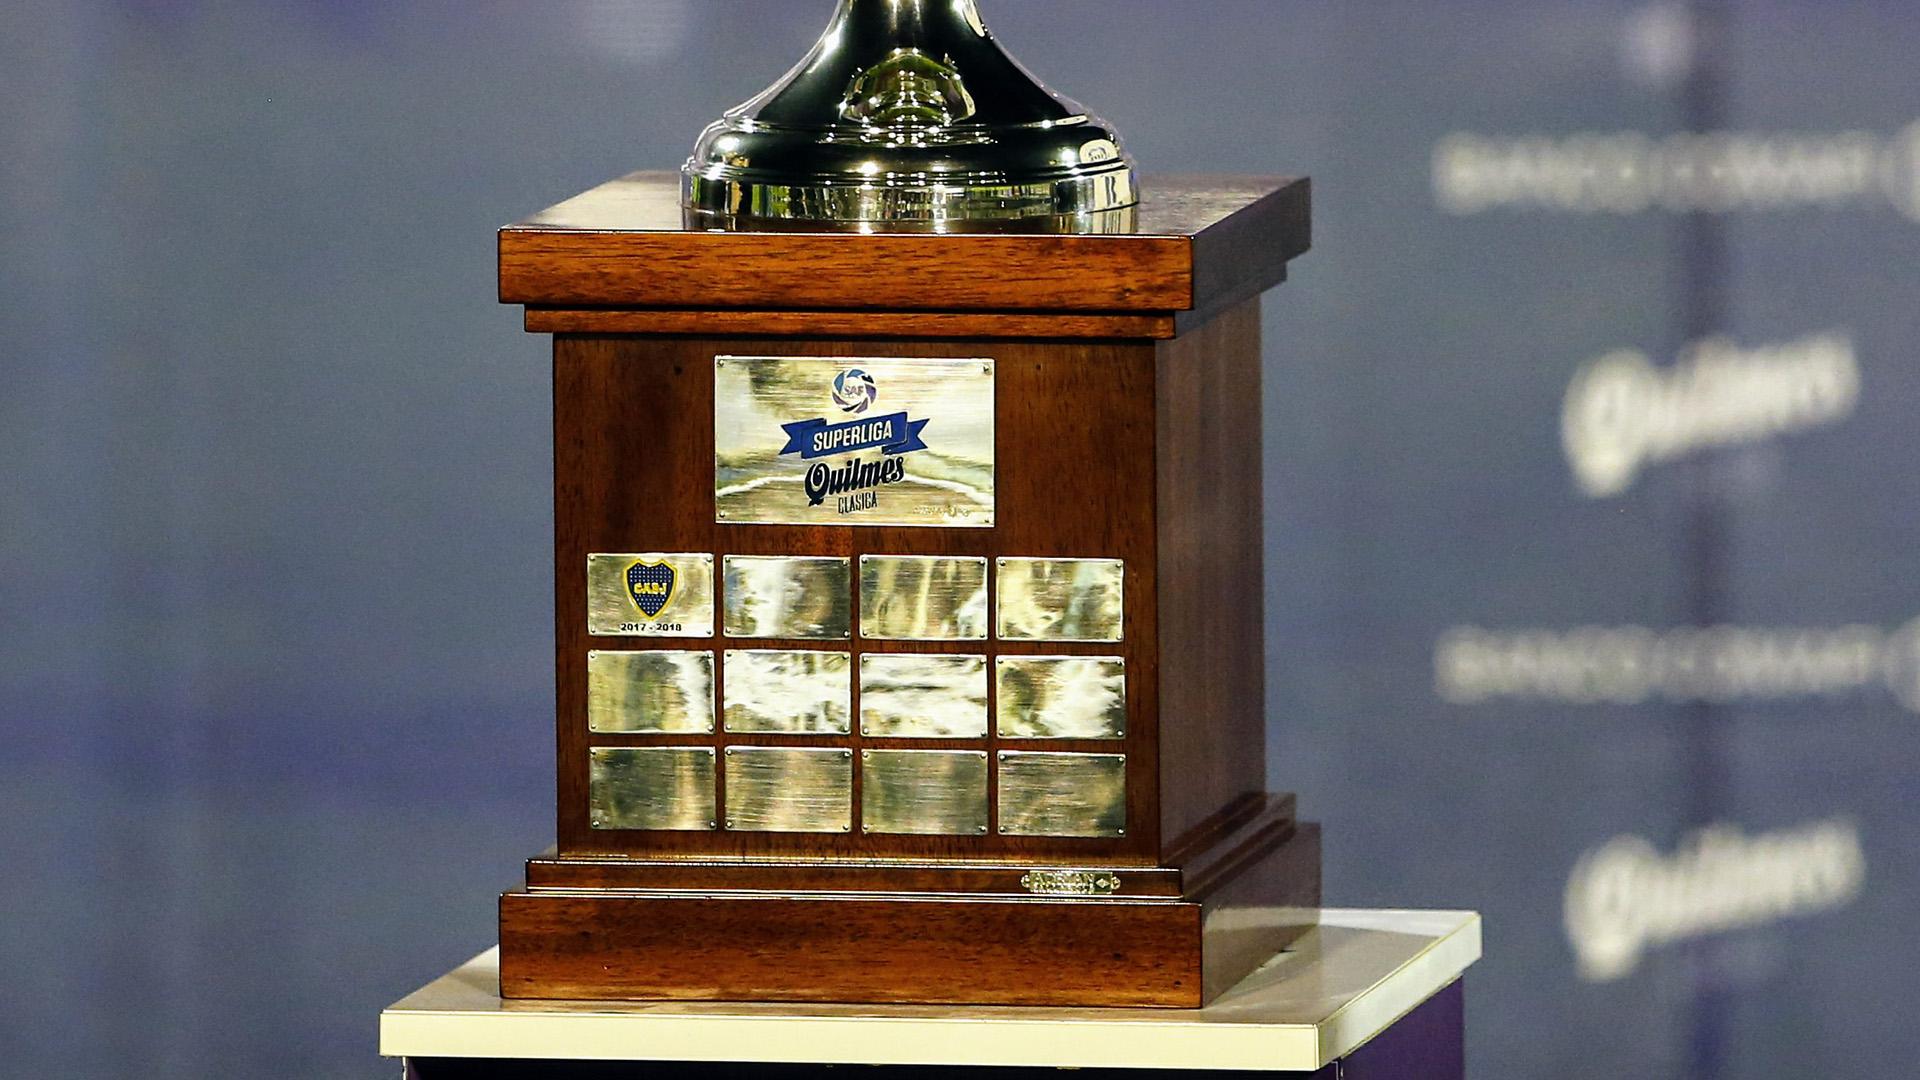 El flamante escudo de Boca en la chapa de la base del trofeo